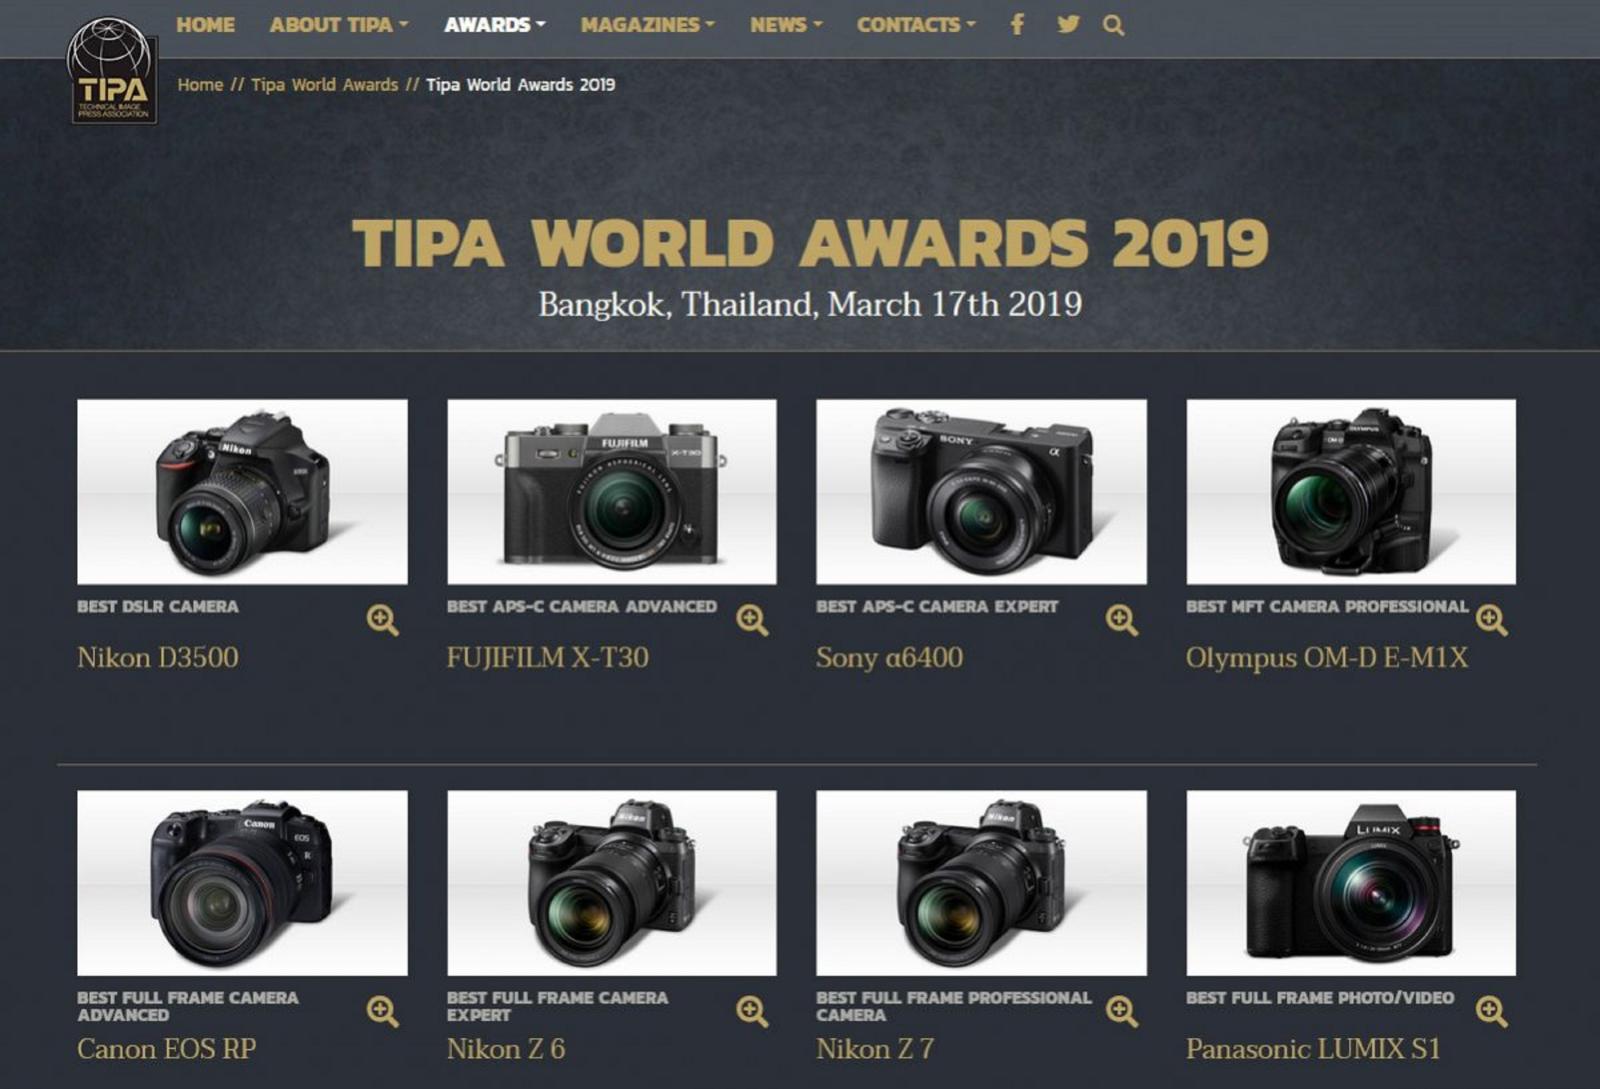 Danh sách máy ảnhxuất sắc nhất năm 2019 do TIPA bình chọn